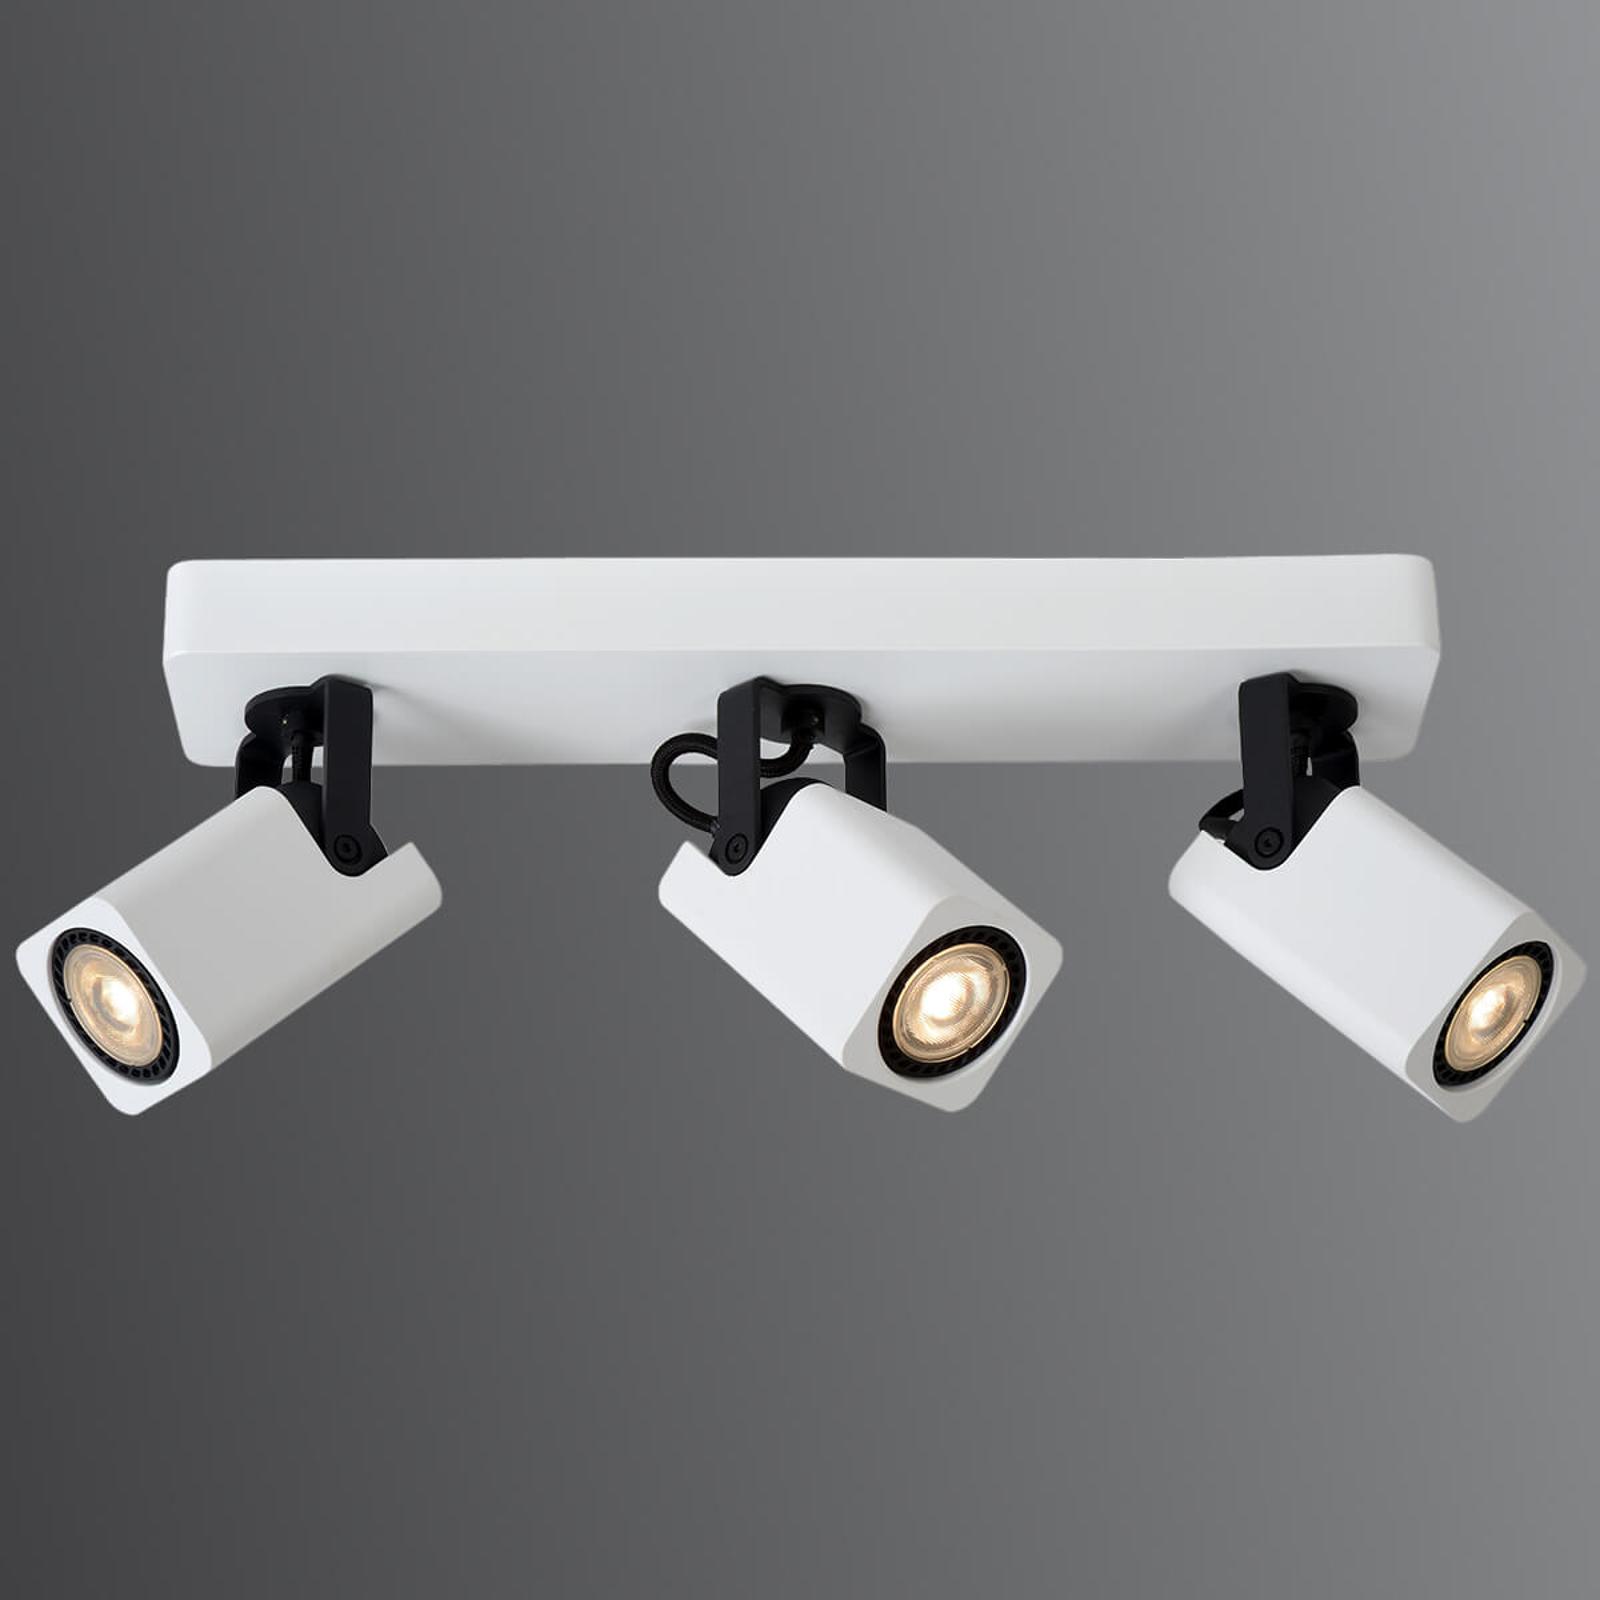 Valkoinen LED-kattokohdevalo Roax, 3-lamppuinen